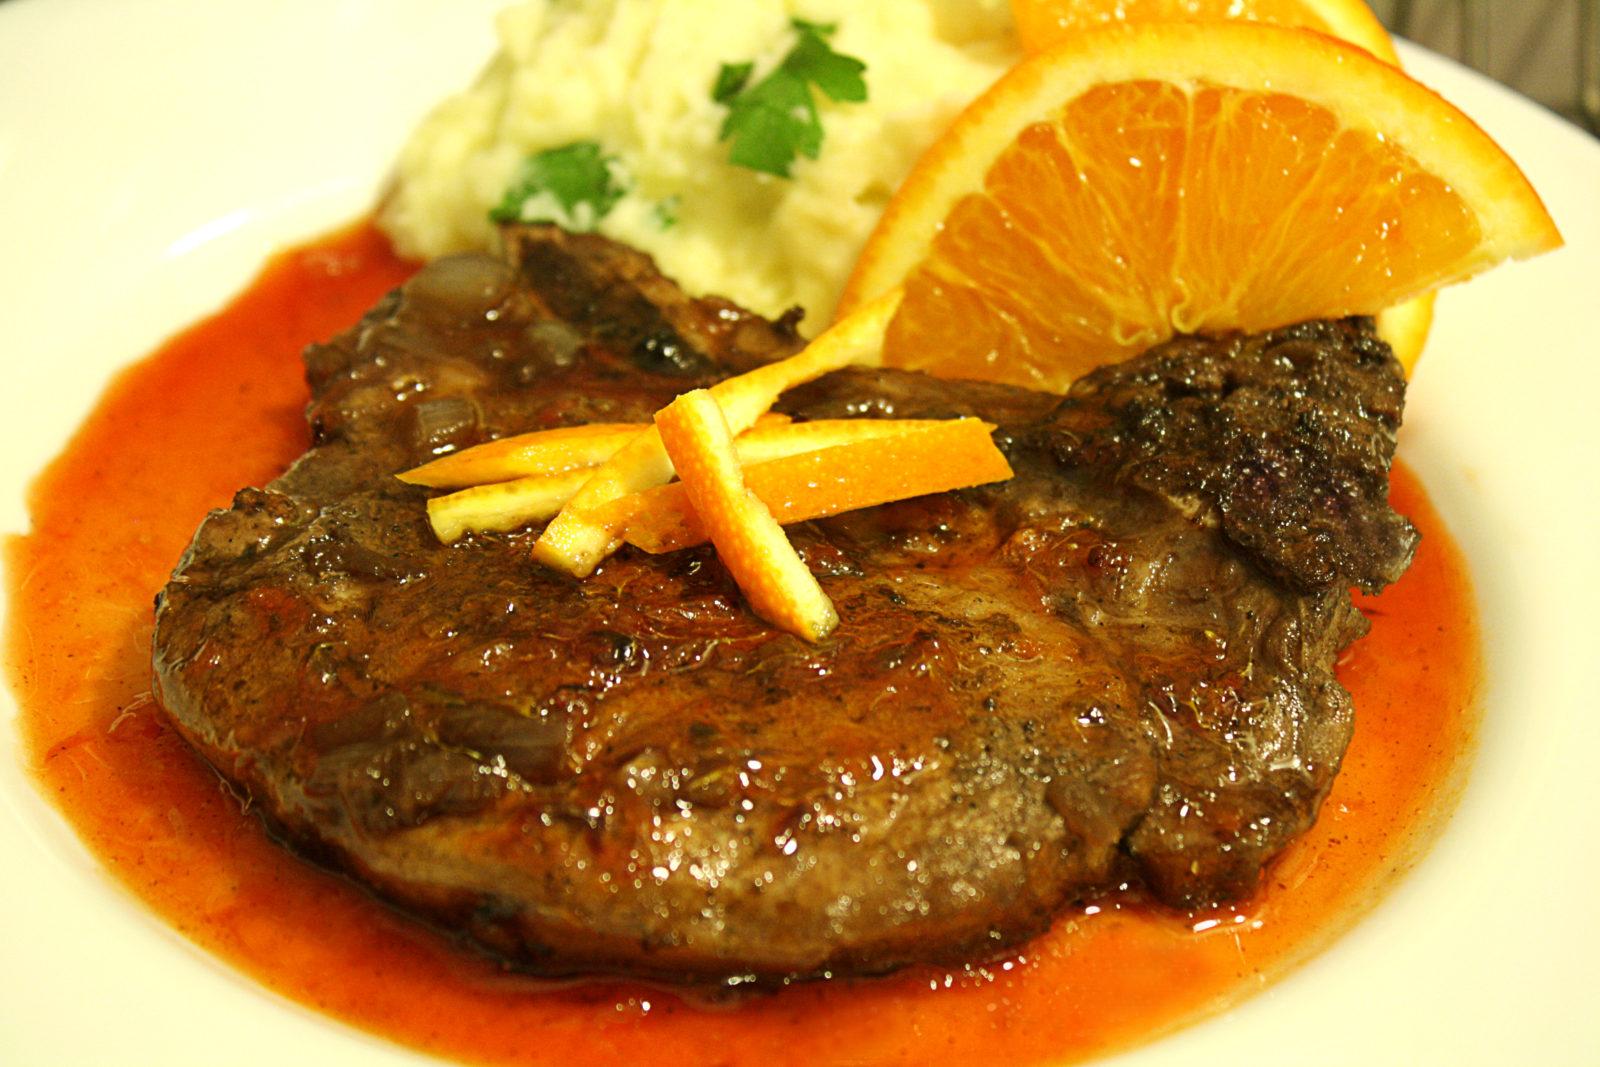 Chuletas de cerdo en salsa de naranja y ensalada de espinacas, rúcula y manzanas